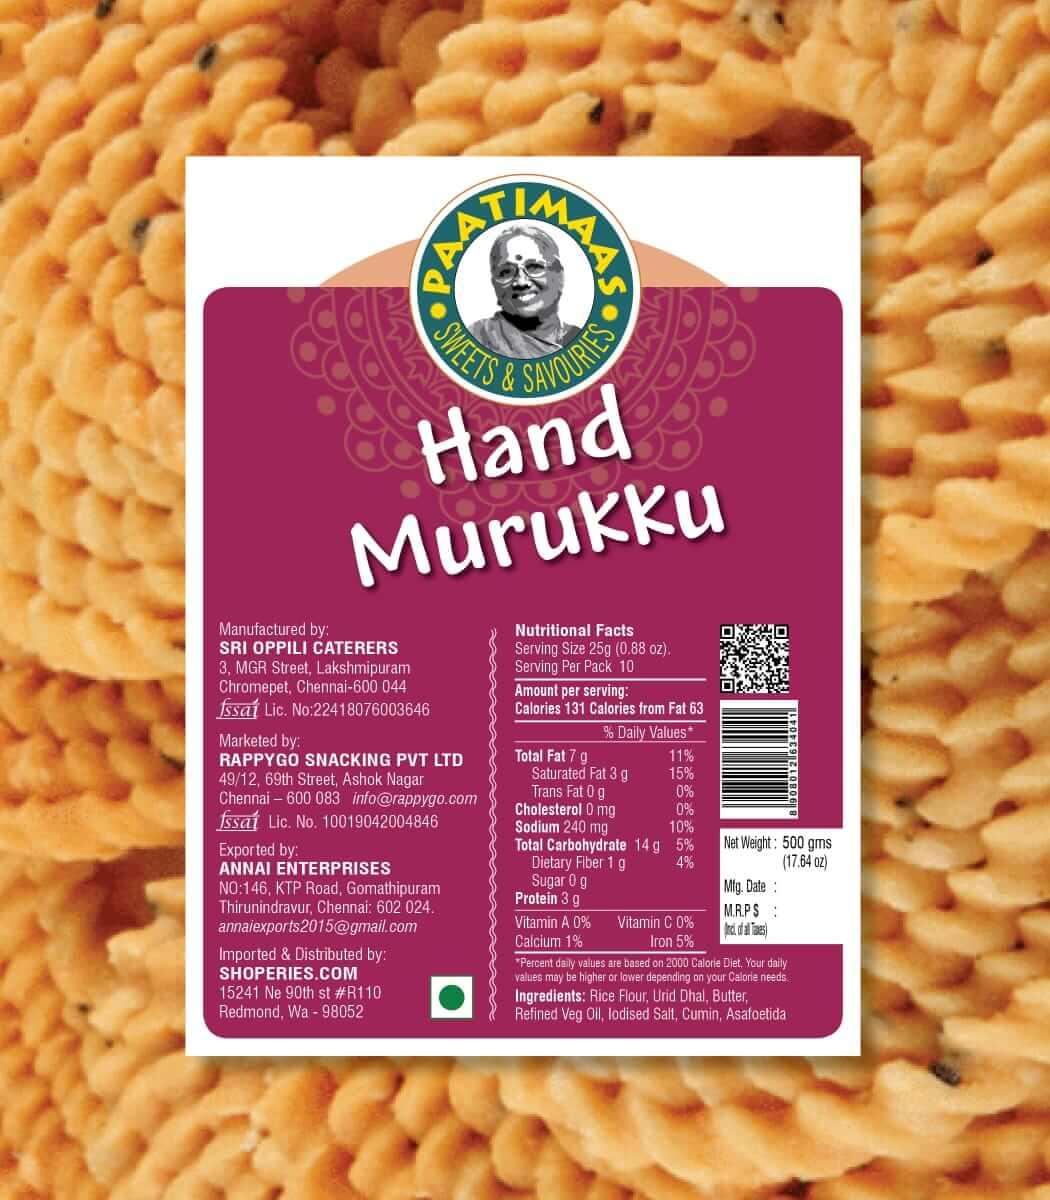 Paatimaas Fresh Hand Murukku By Air